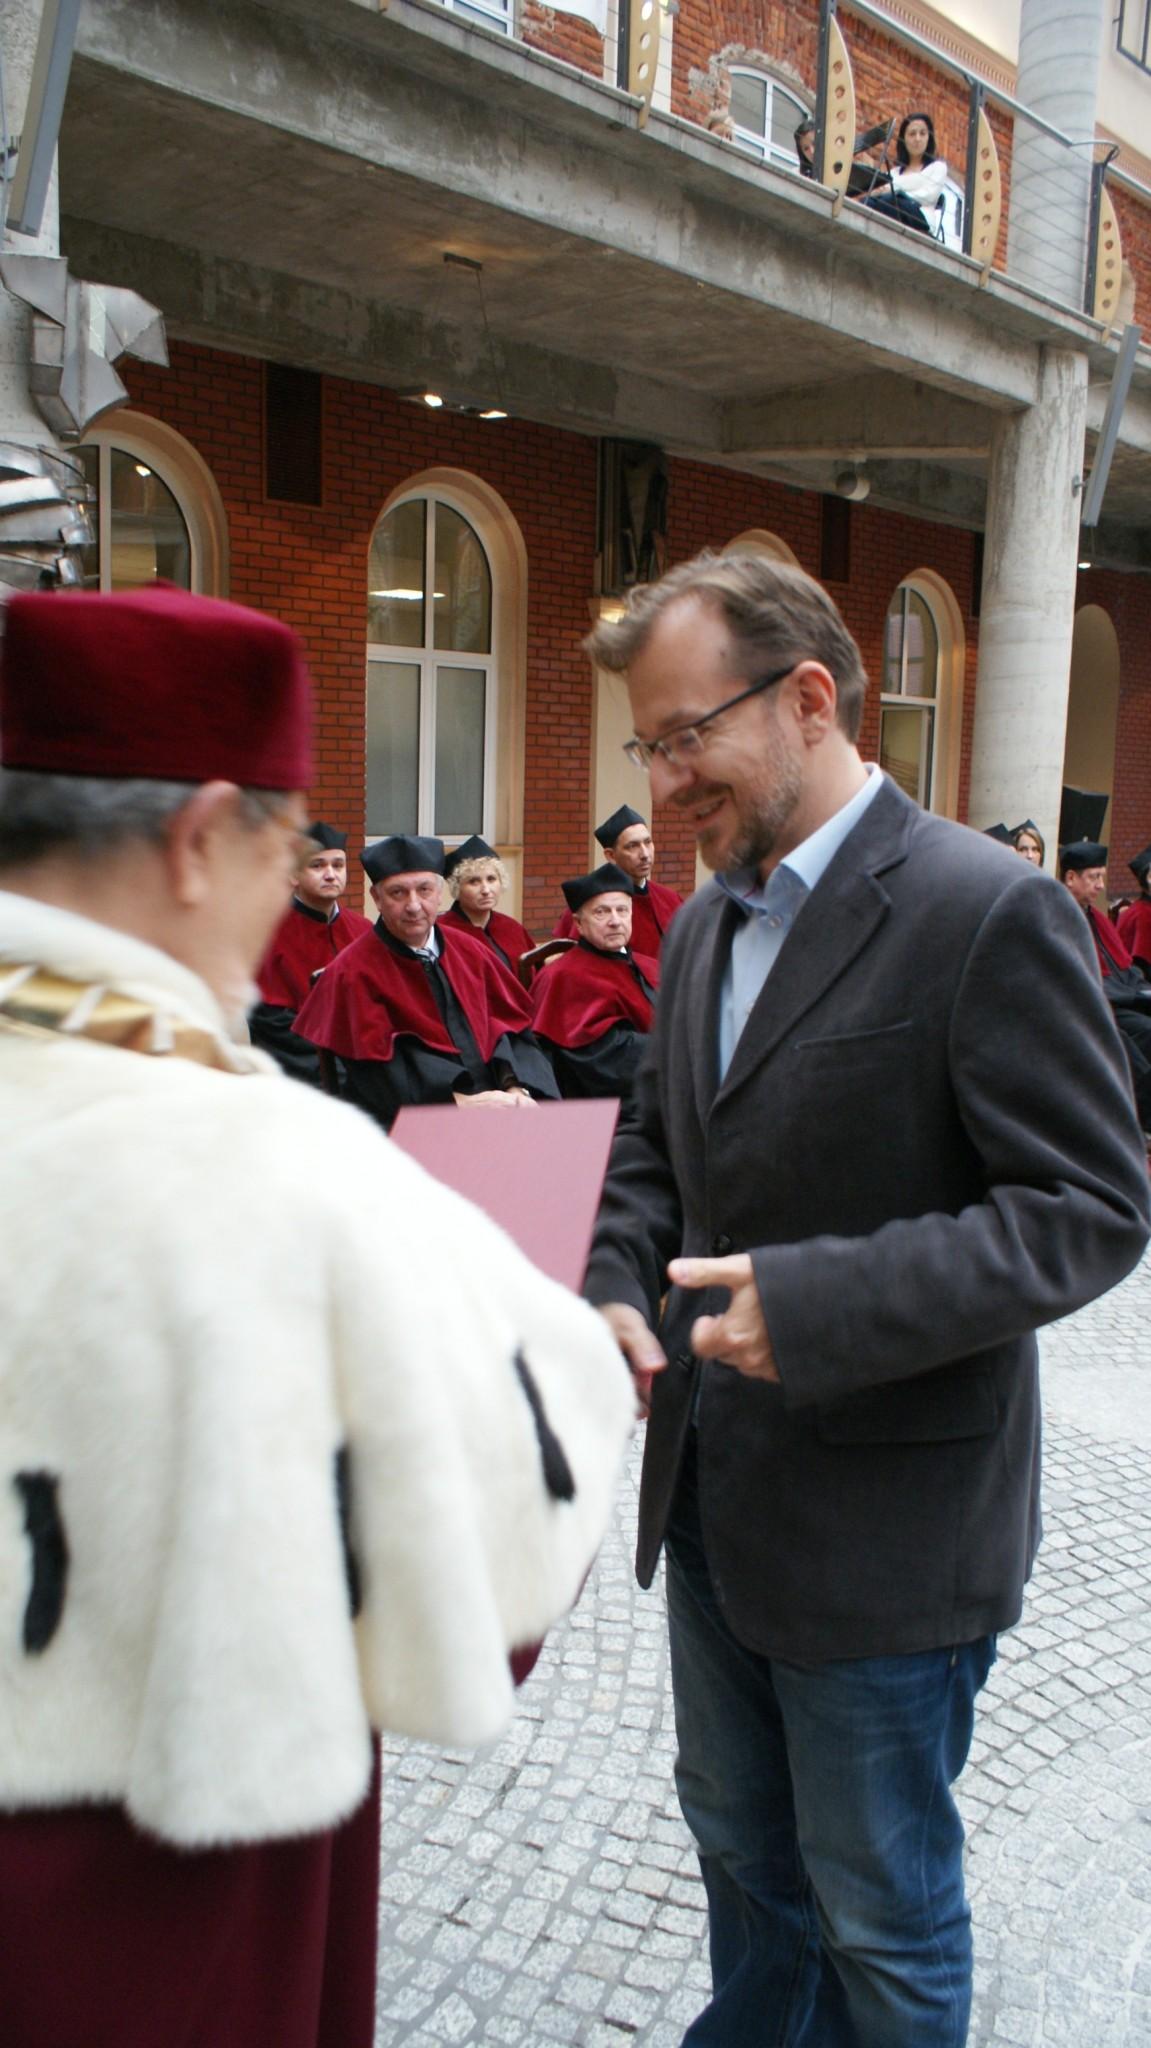 Gratulacje uzyskania stopnia naukowego dla dr. Andrzeja Zbonikowskiego